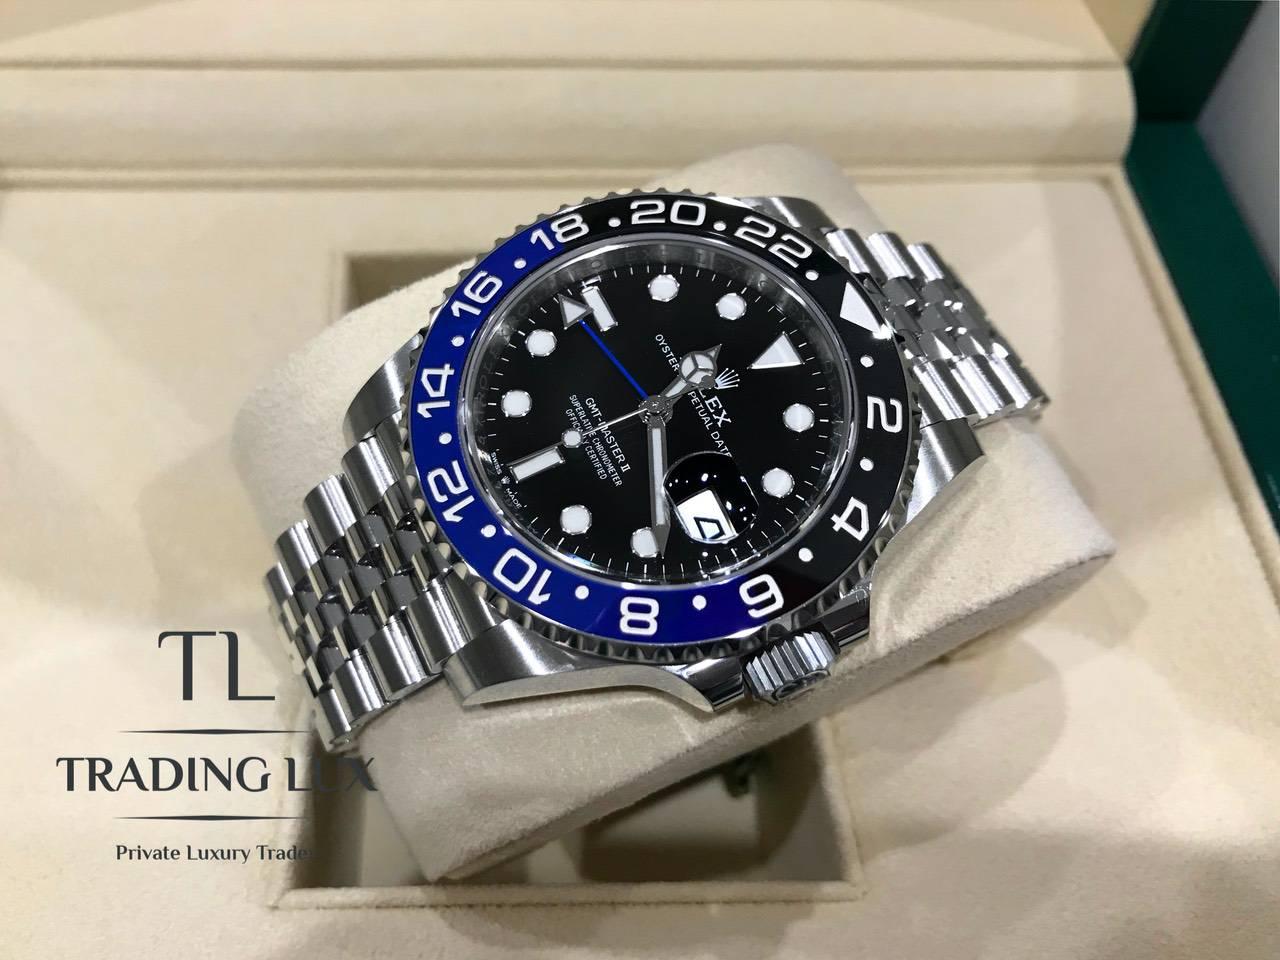 Rolex-Batman-126710BLNR-10